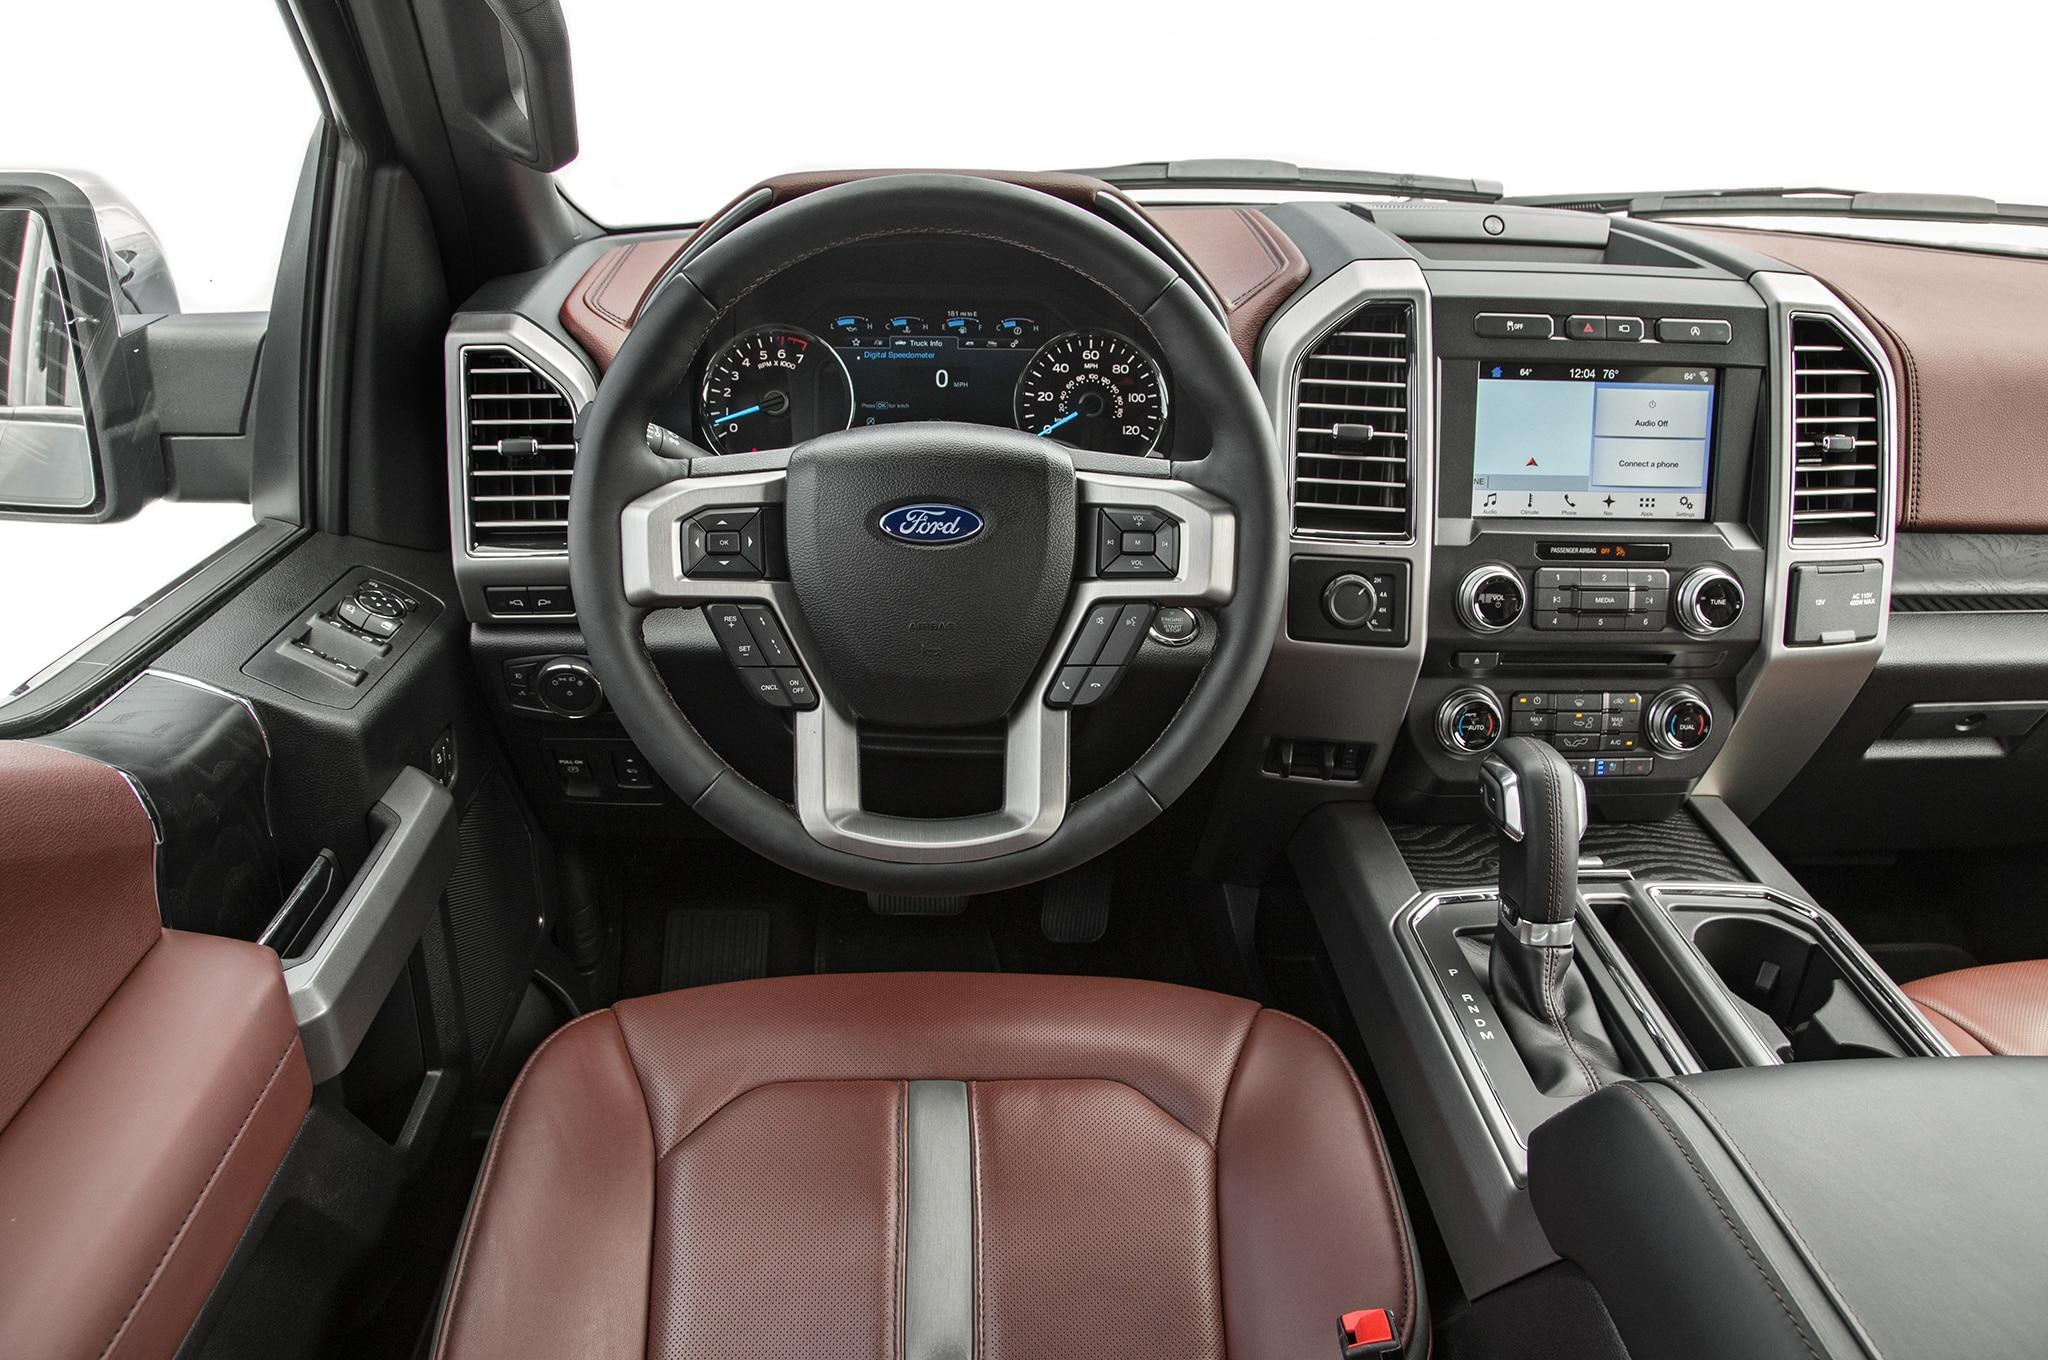 F 150 Raptor Interior >> Ford F-150 es la Camioneta del Año de Motor Trend 2018 - Motor Trend en Español